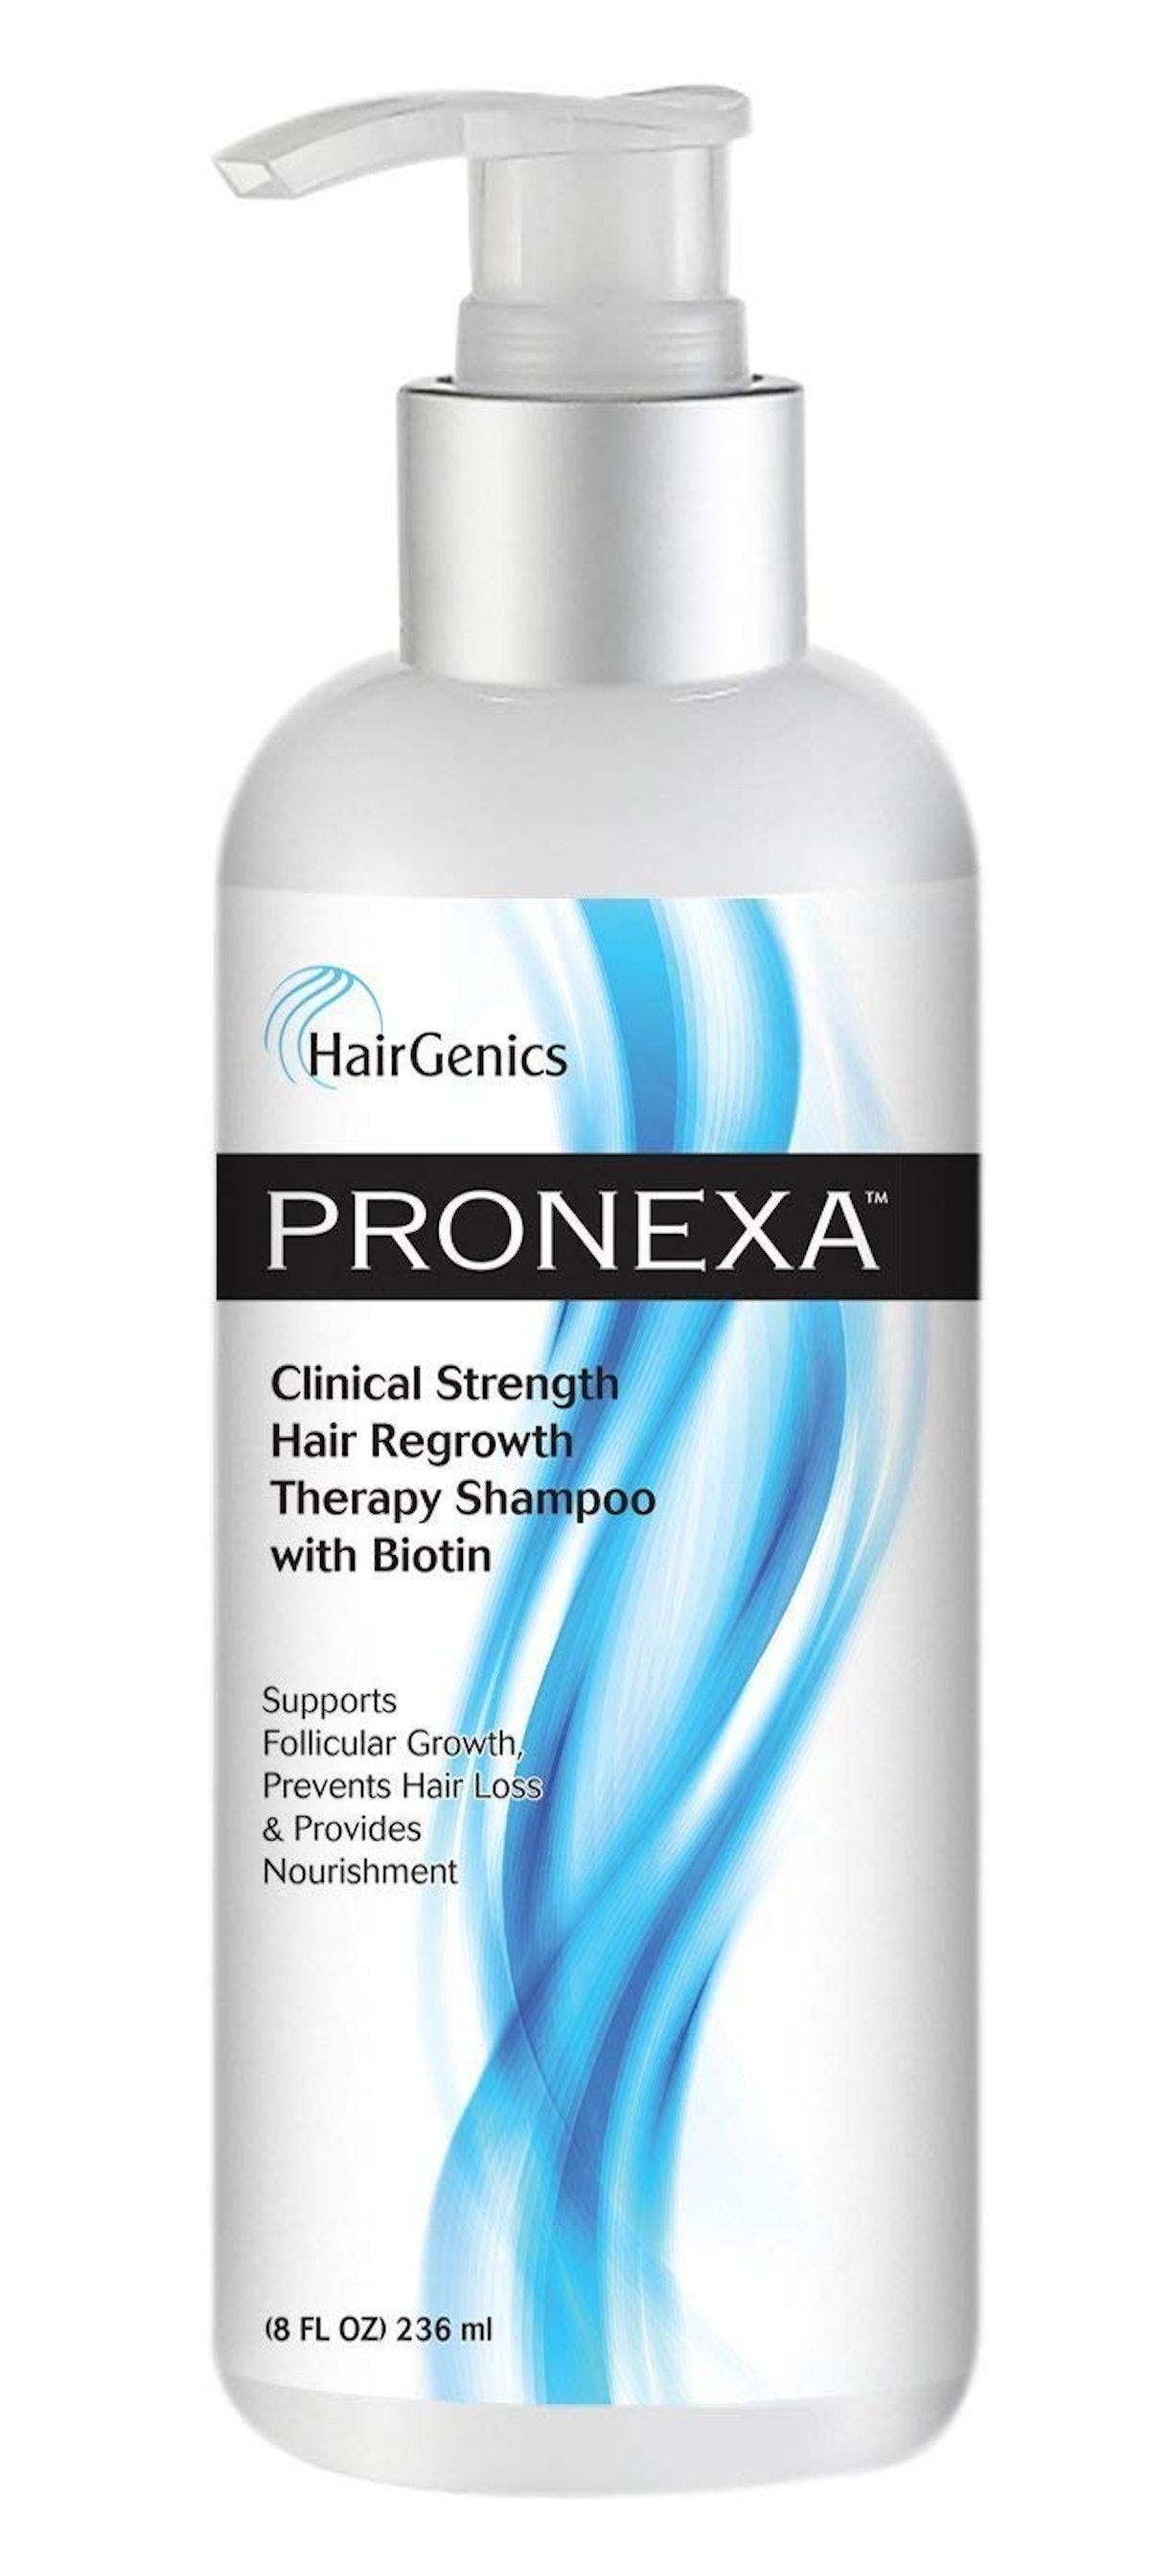 HairGenics Pronexa Hair Growth Therapy Shampoo